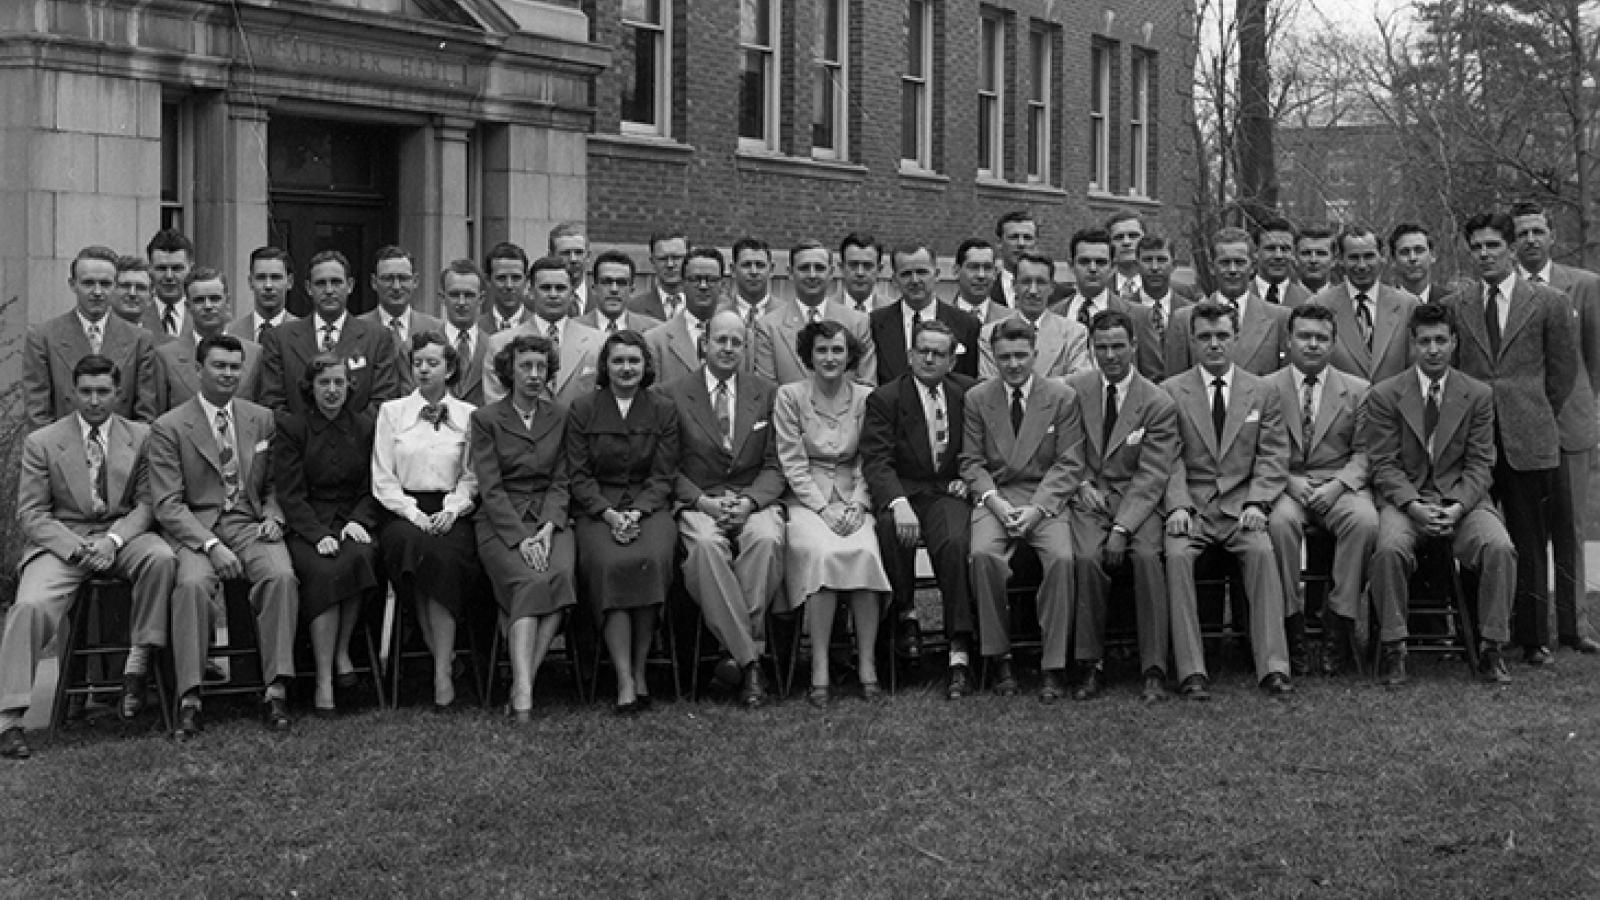 Class of 1950 portrait